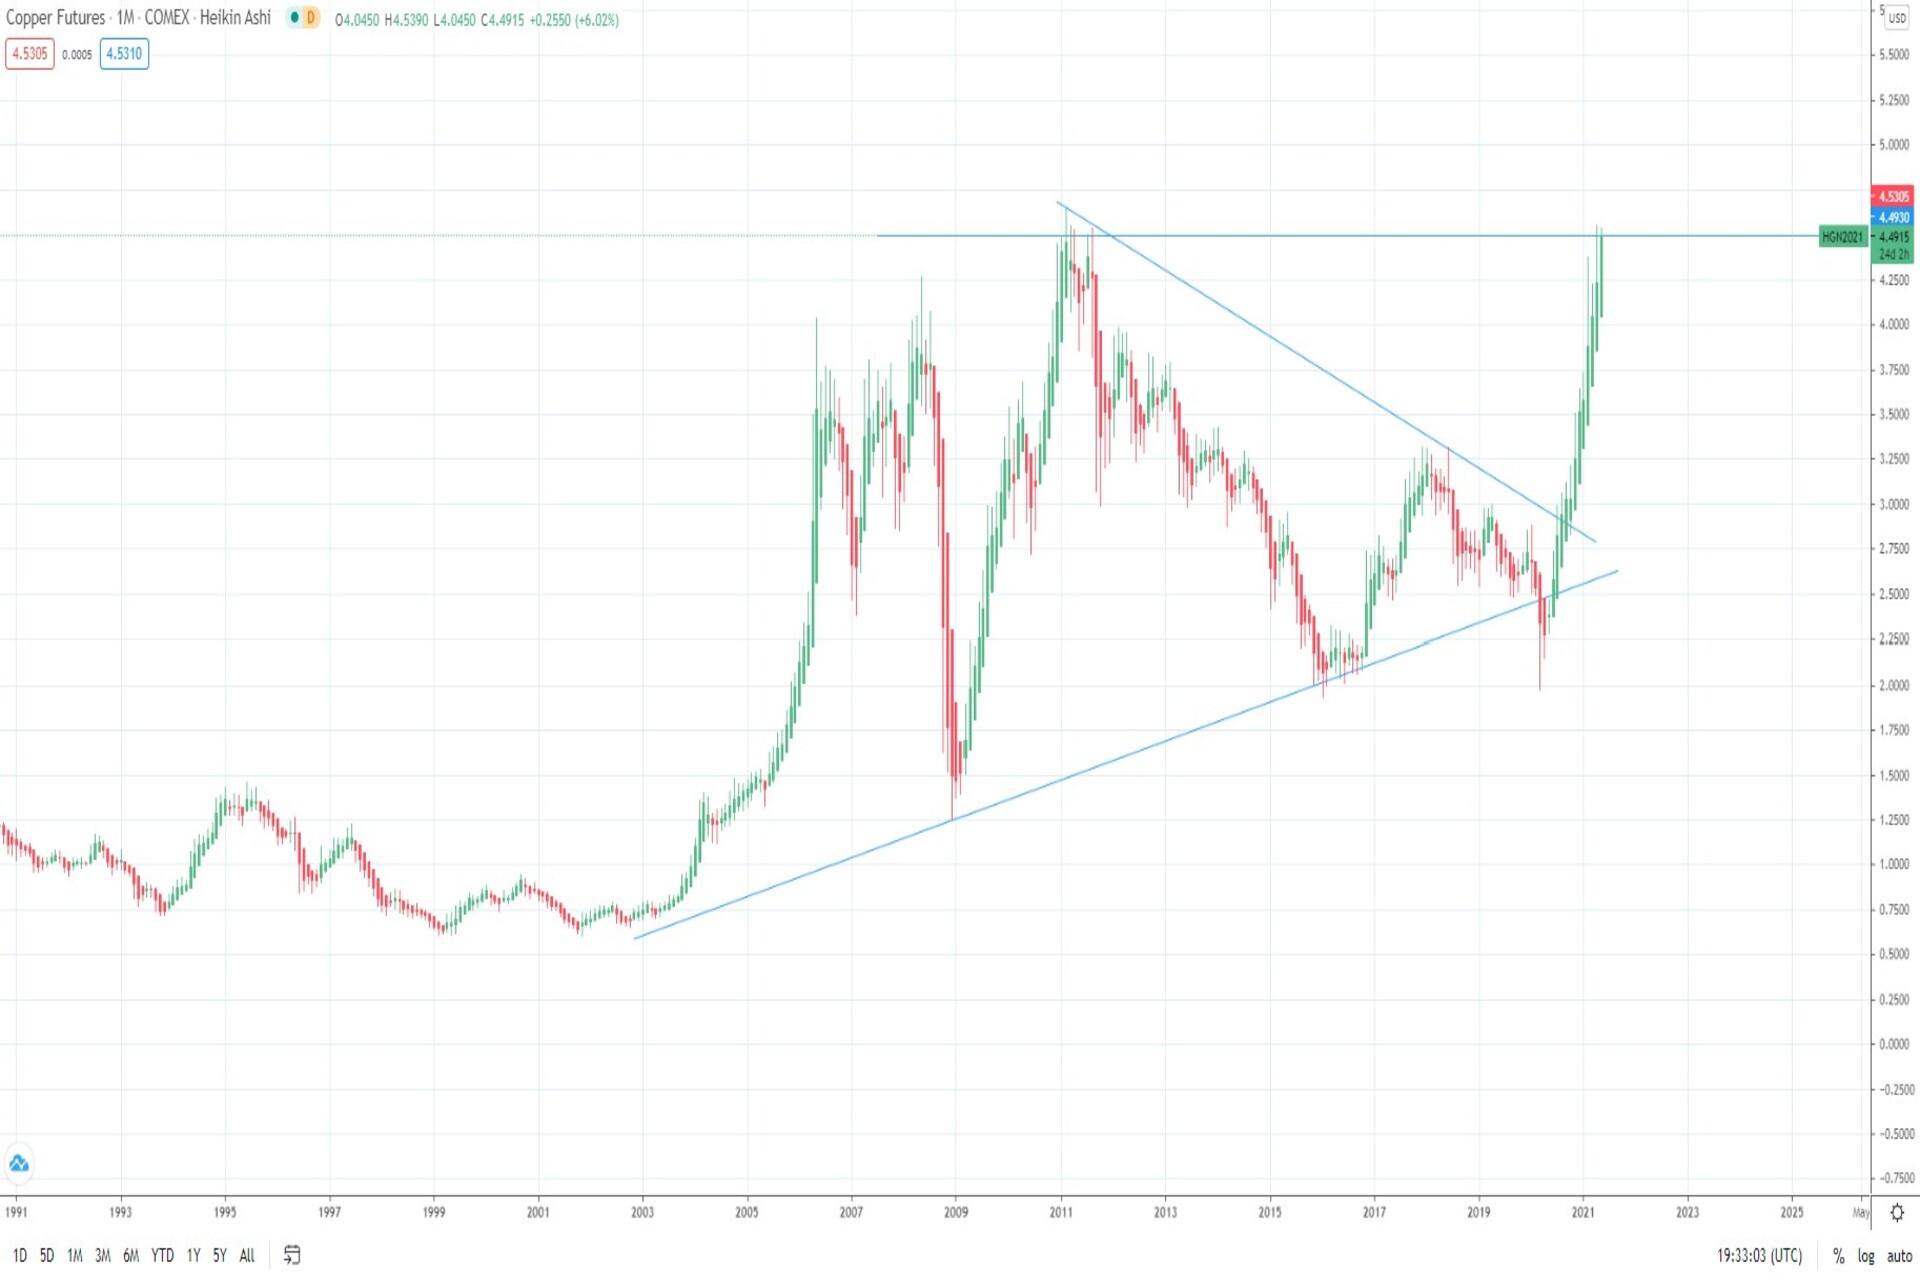 Copper futures price